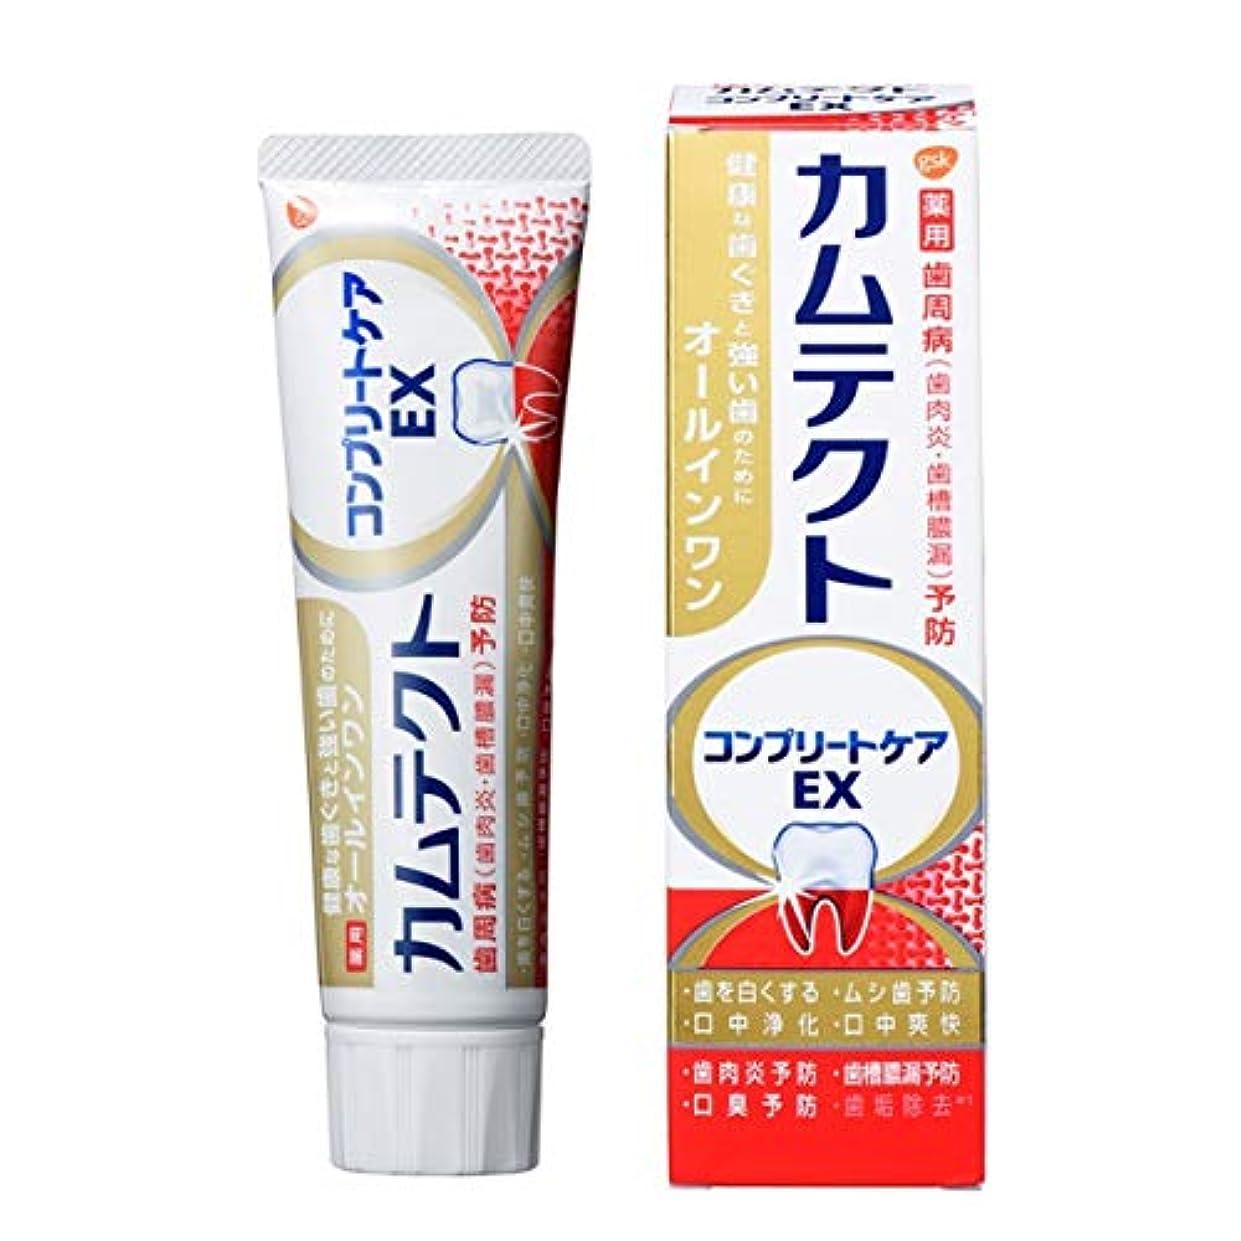 汚染する似ているどちらもカムテクト コンプリートケアEX 歯周病(歯肉炎?歯槽膿漏) 予防 歯磨き粉 105g